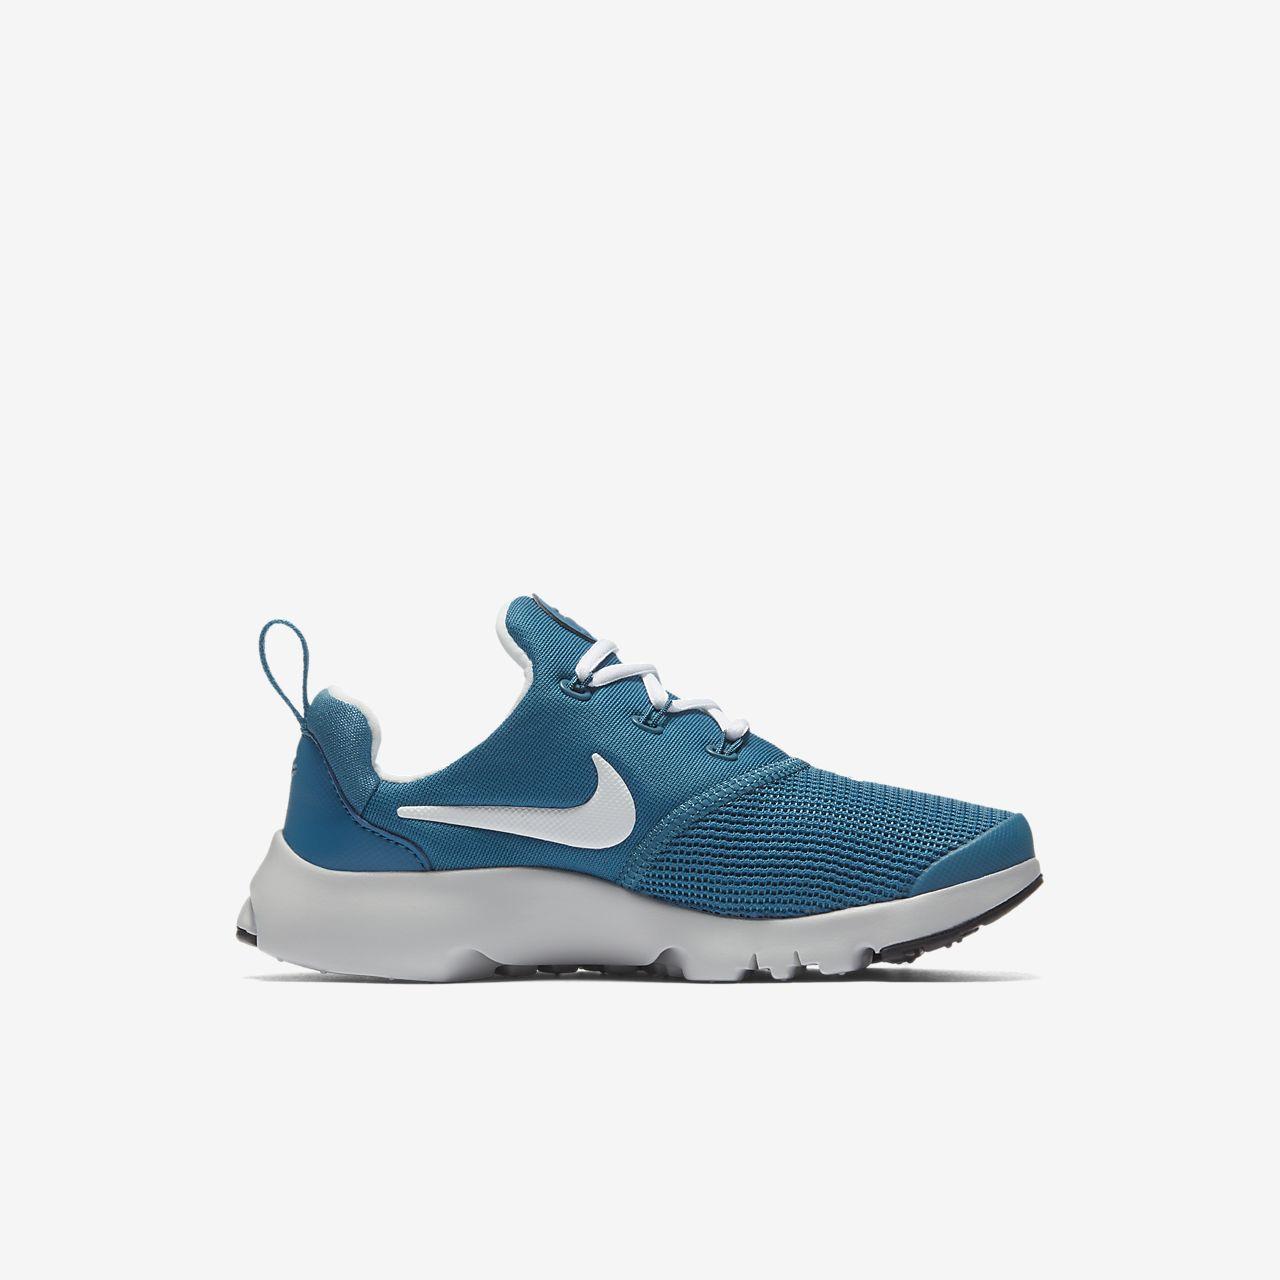 ... Nike Presto Fly Little Kids' Shoe